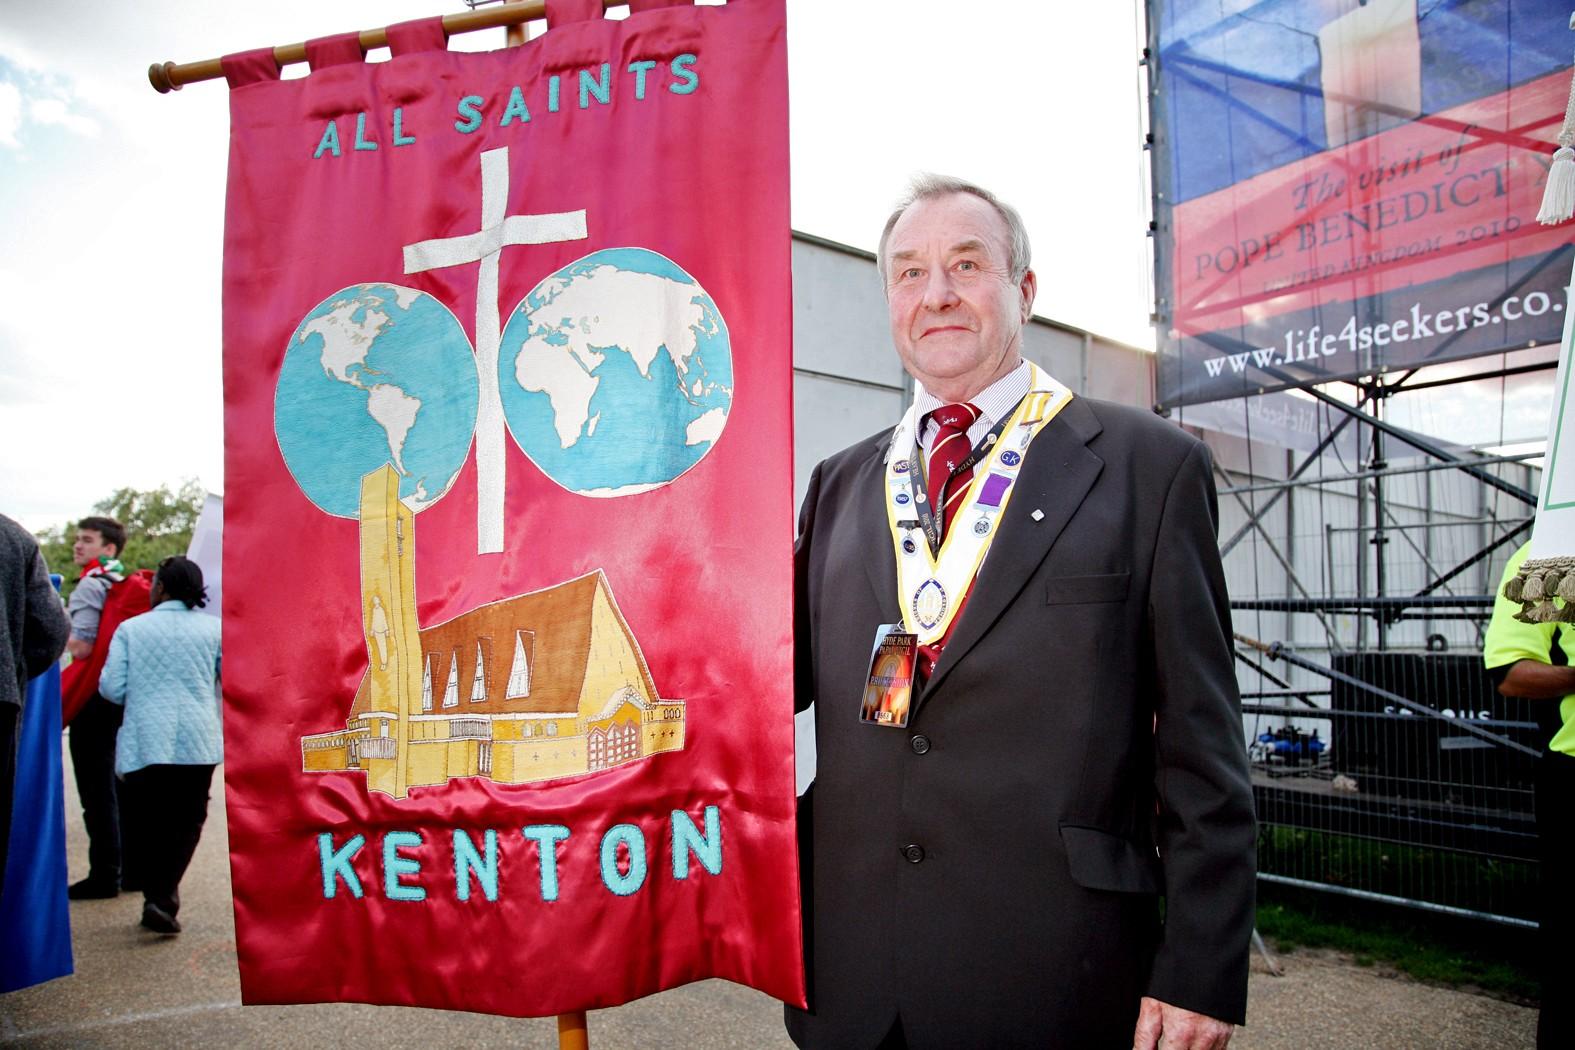 KSC - Kenton